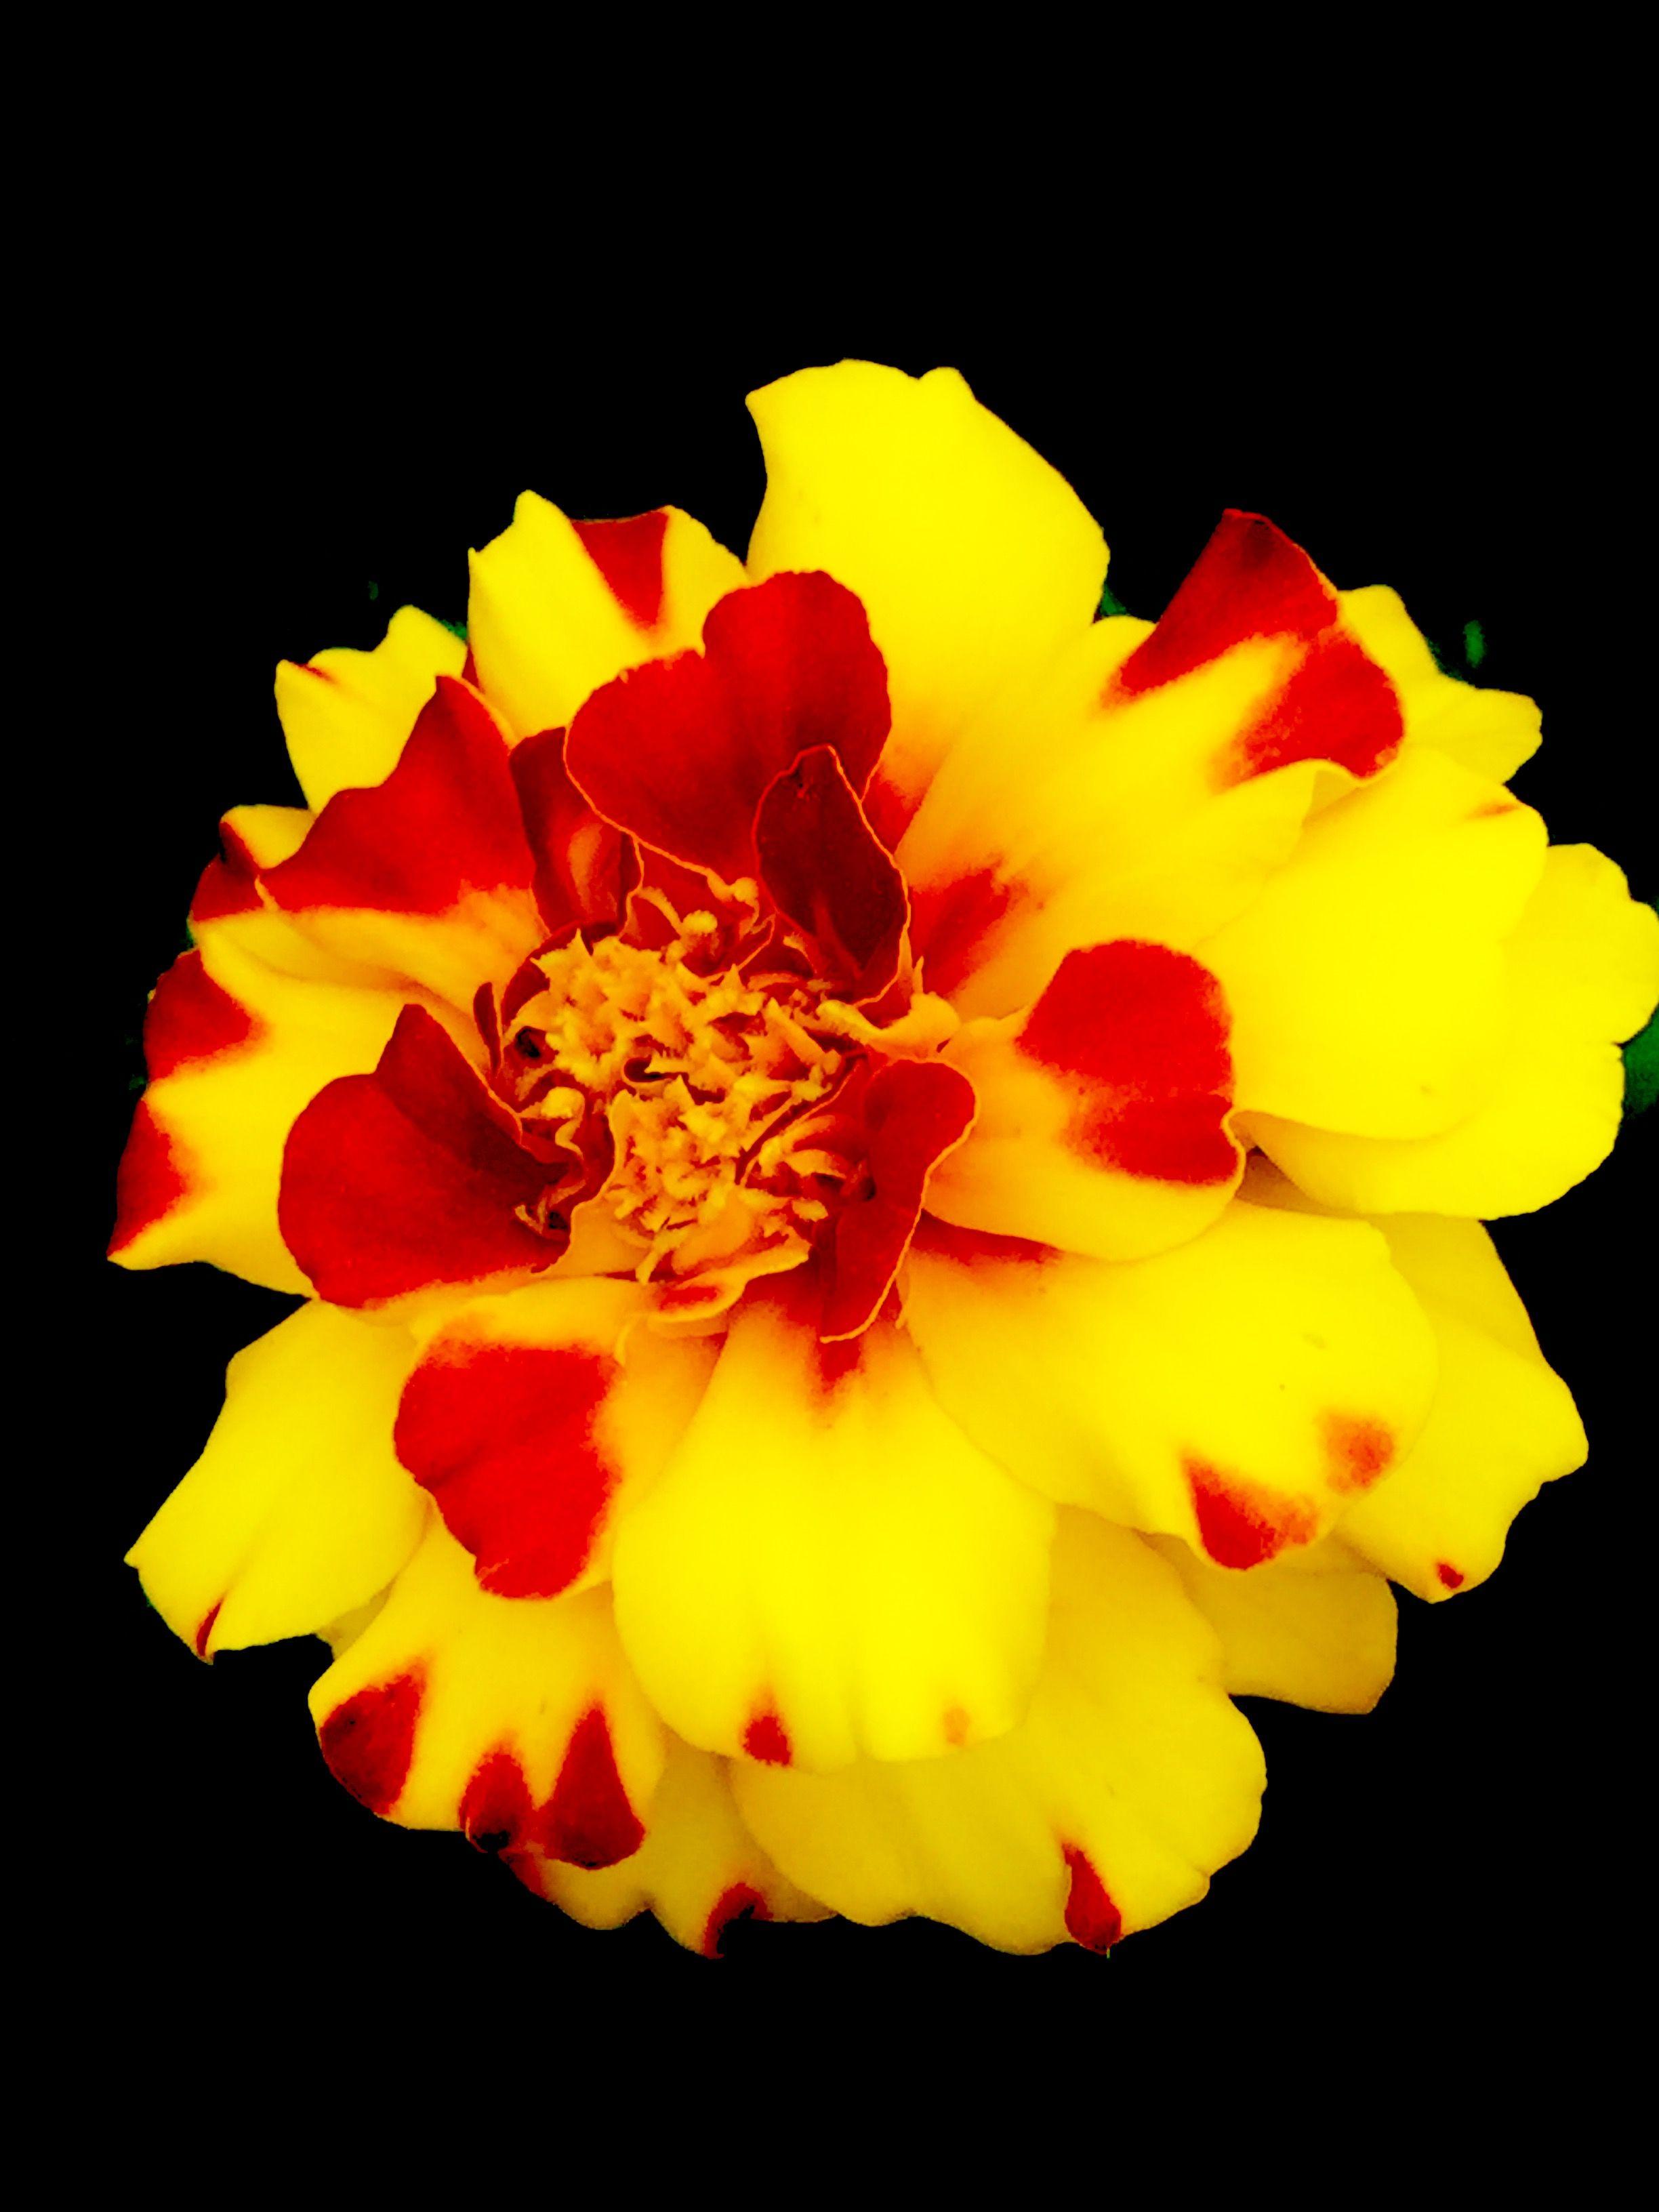 Fiori Gialli Yellow Flowers.Yellow Flowers Tagete Fiori Gialli Flower Fiore Giallo